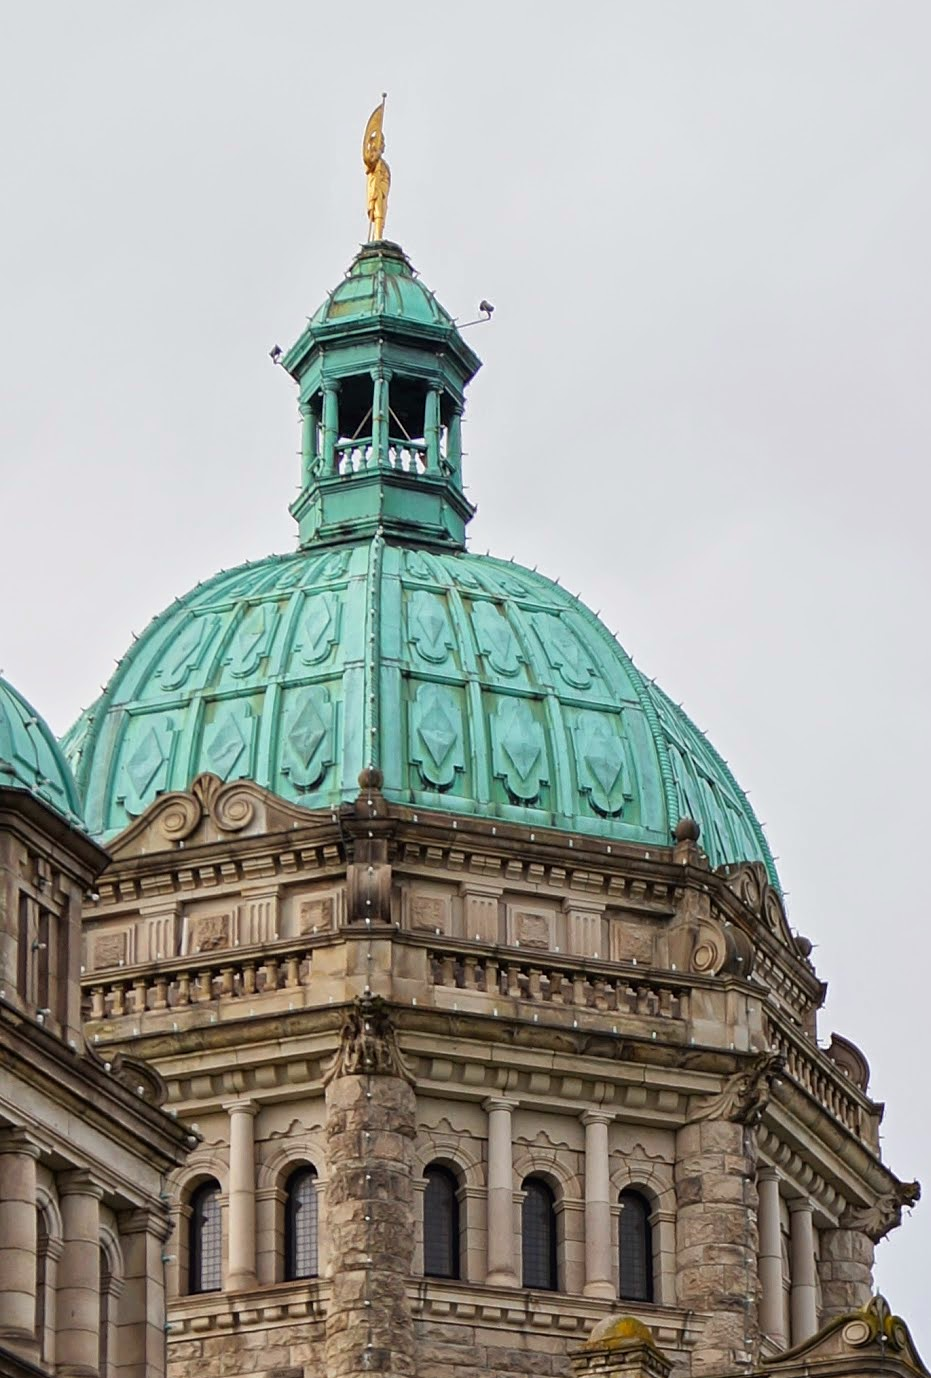 Главный купол здания парламента с позолоченой статуей капитана Ванкувера.